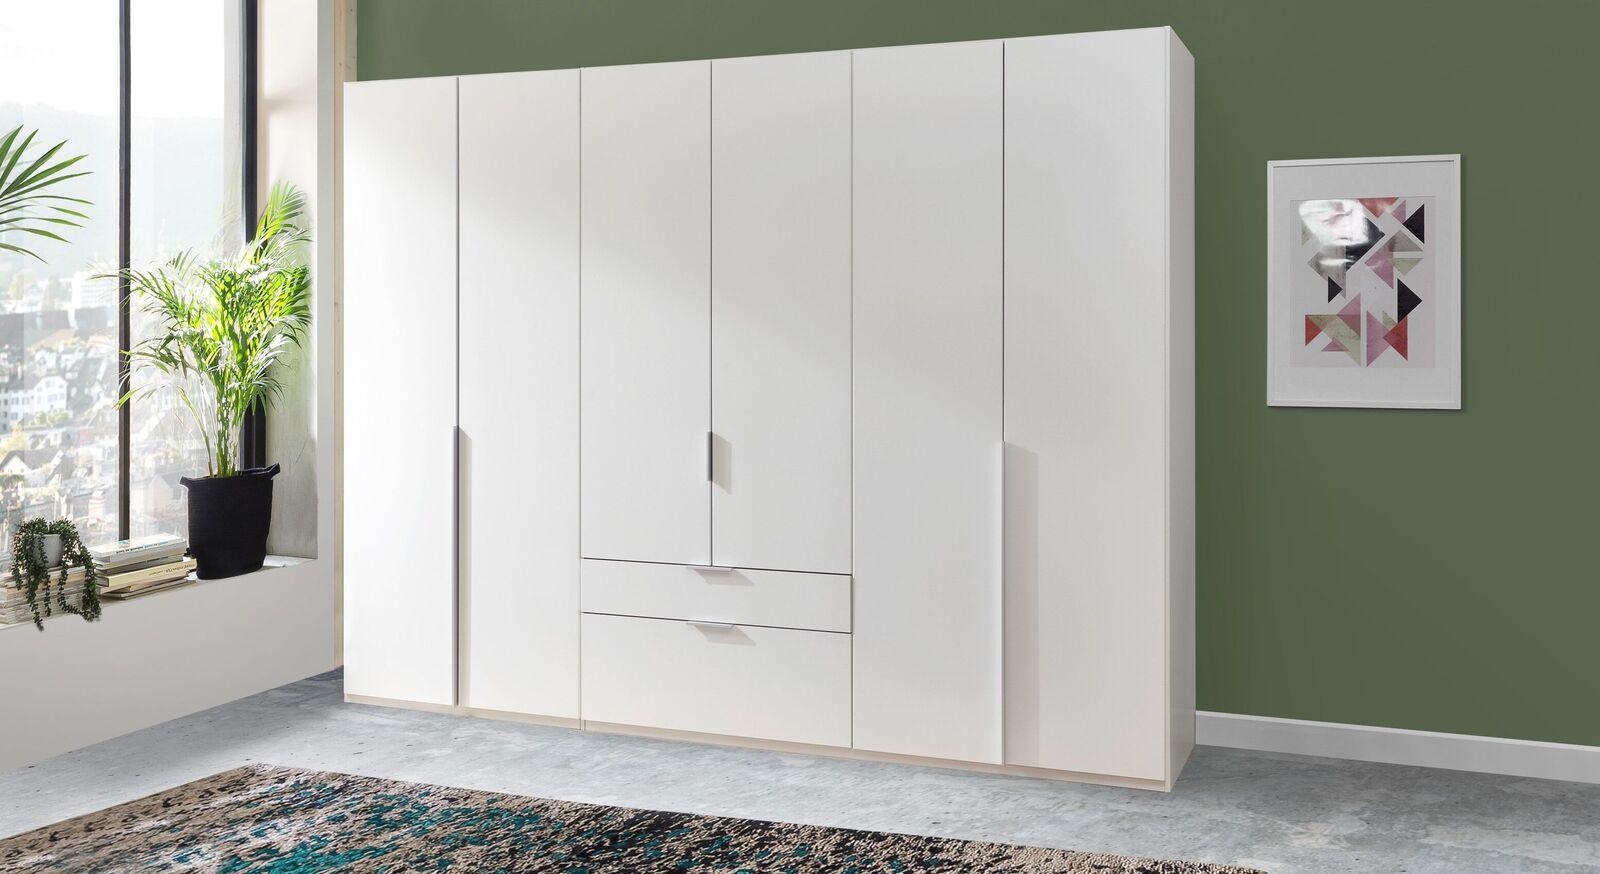 Preiswerter Funktions-Kleiderschrank Ceprano in Weiß